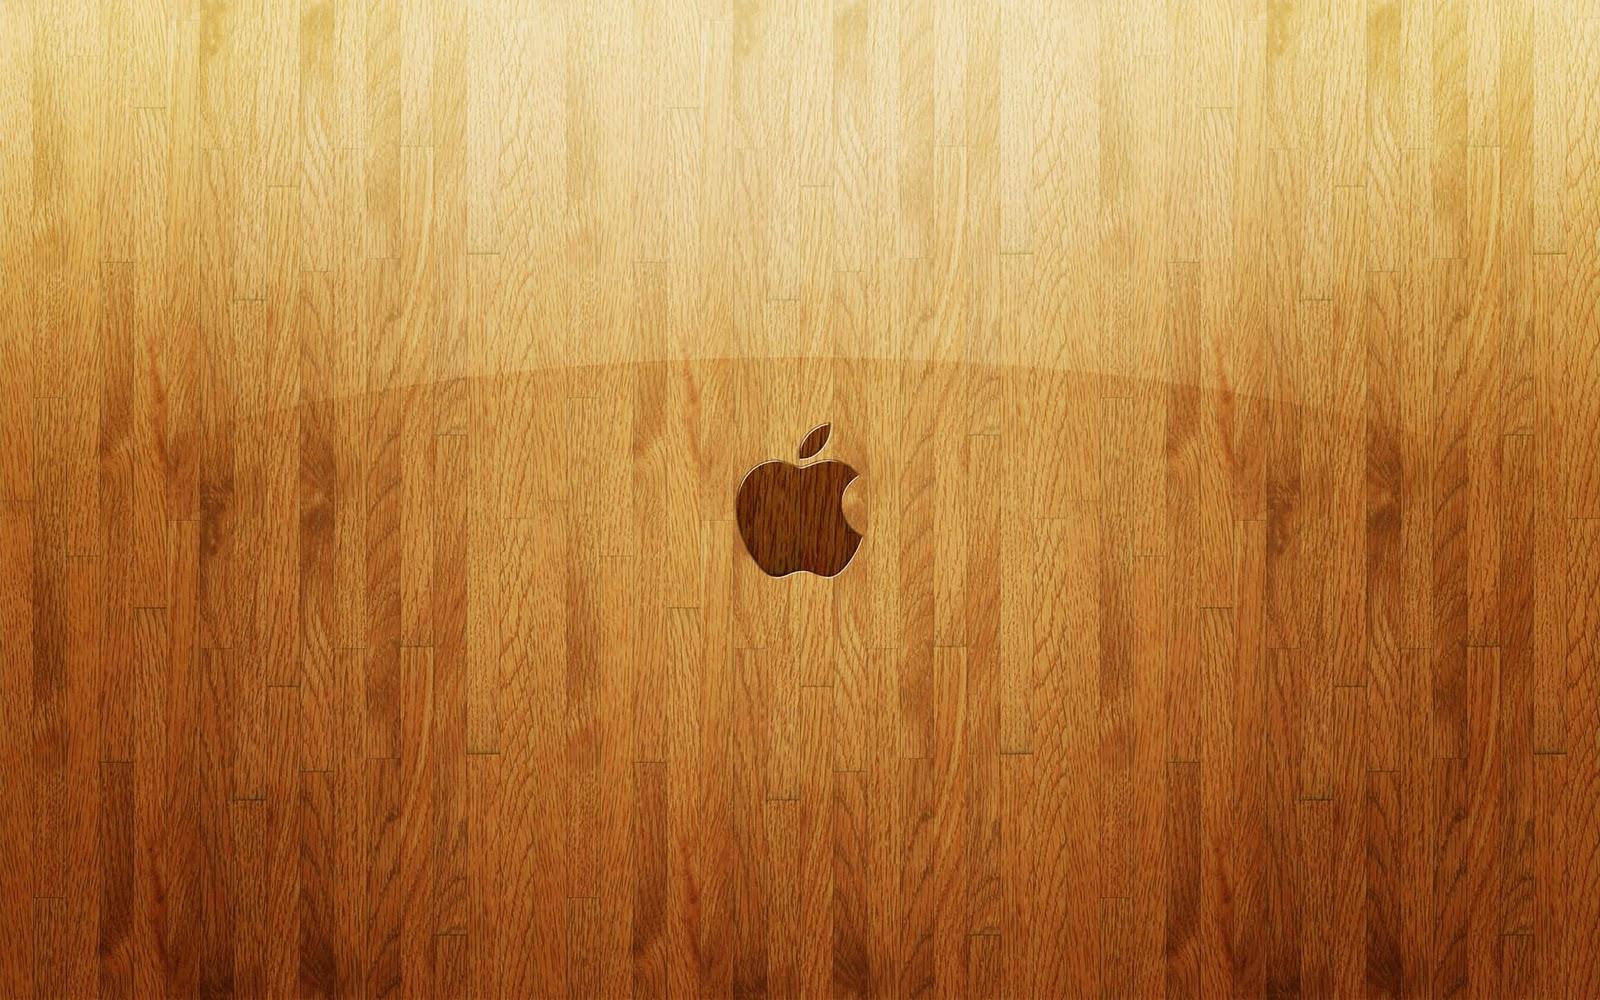 houten achtergronden hd - photo #9